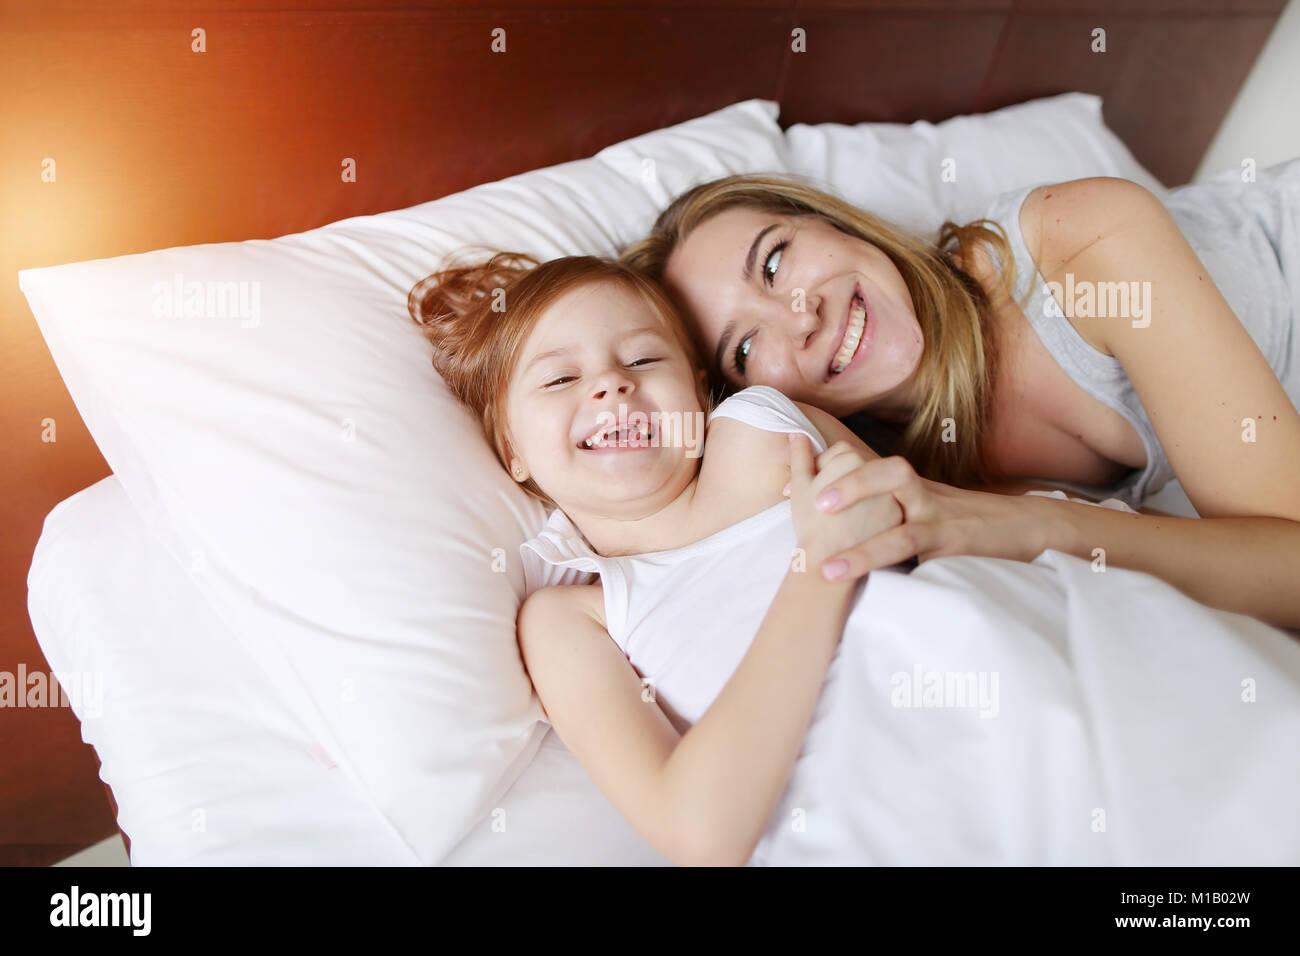 Bellezza madre abbracci piccola figlia a letto bianco con il sole ...